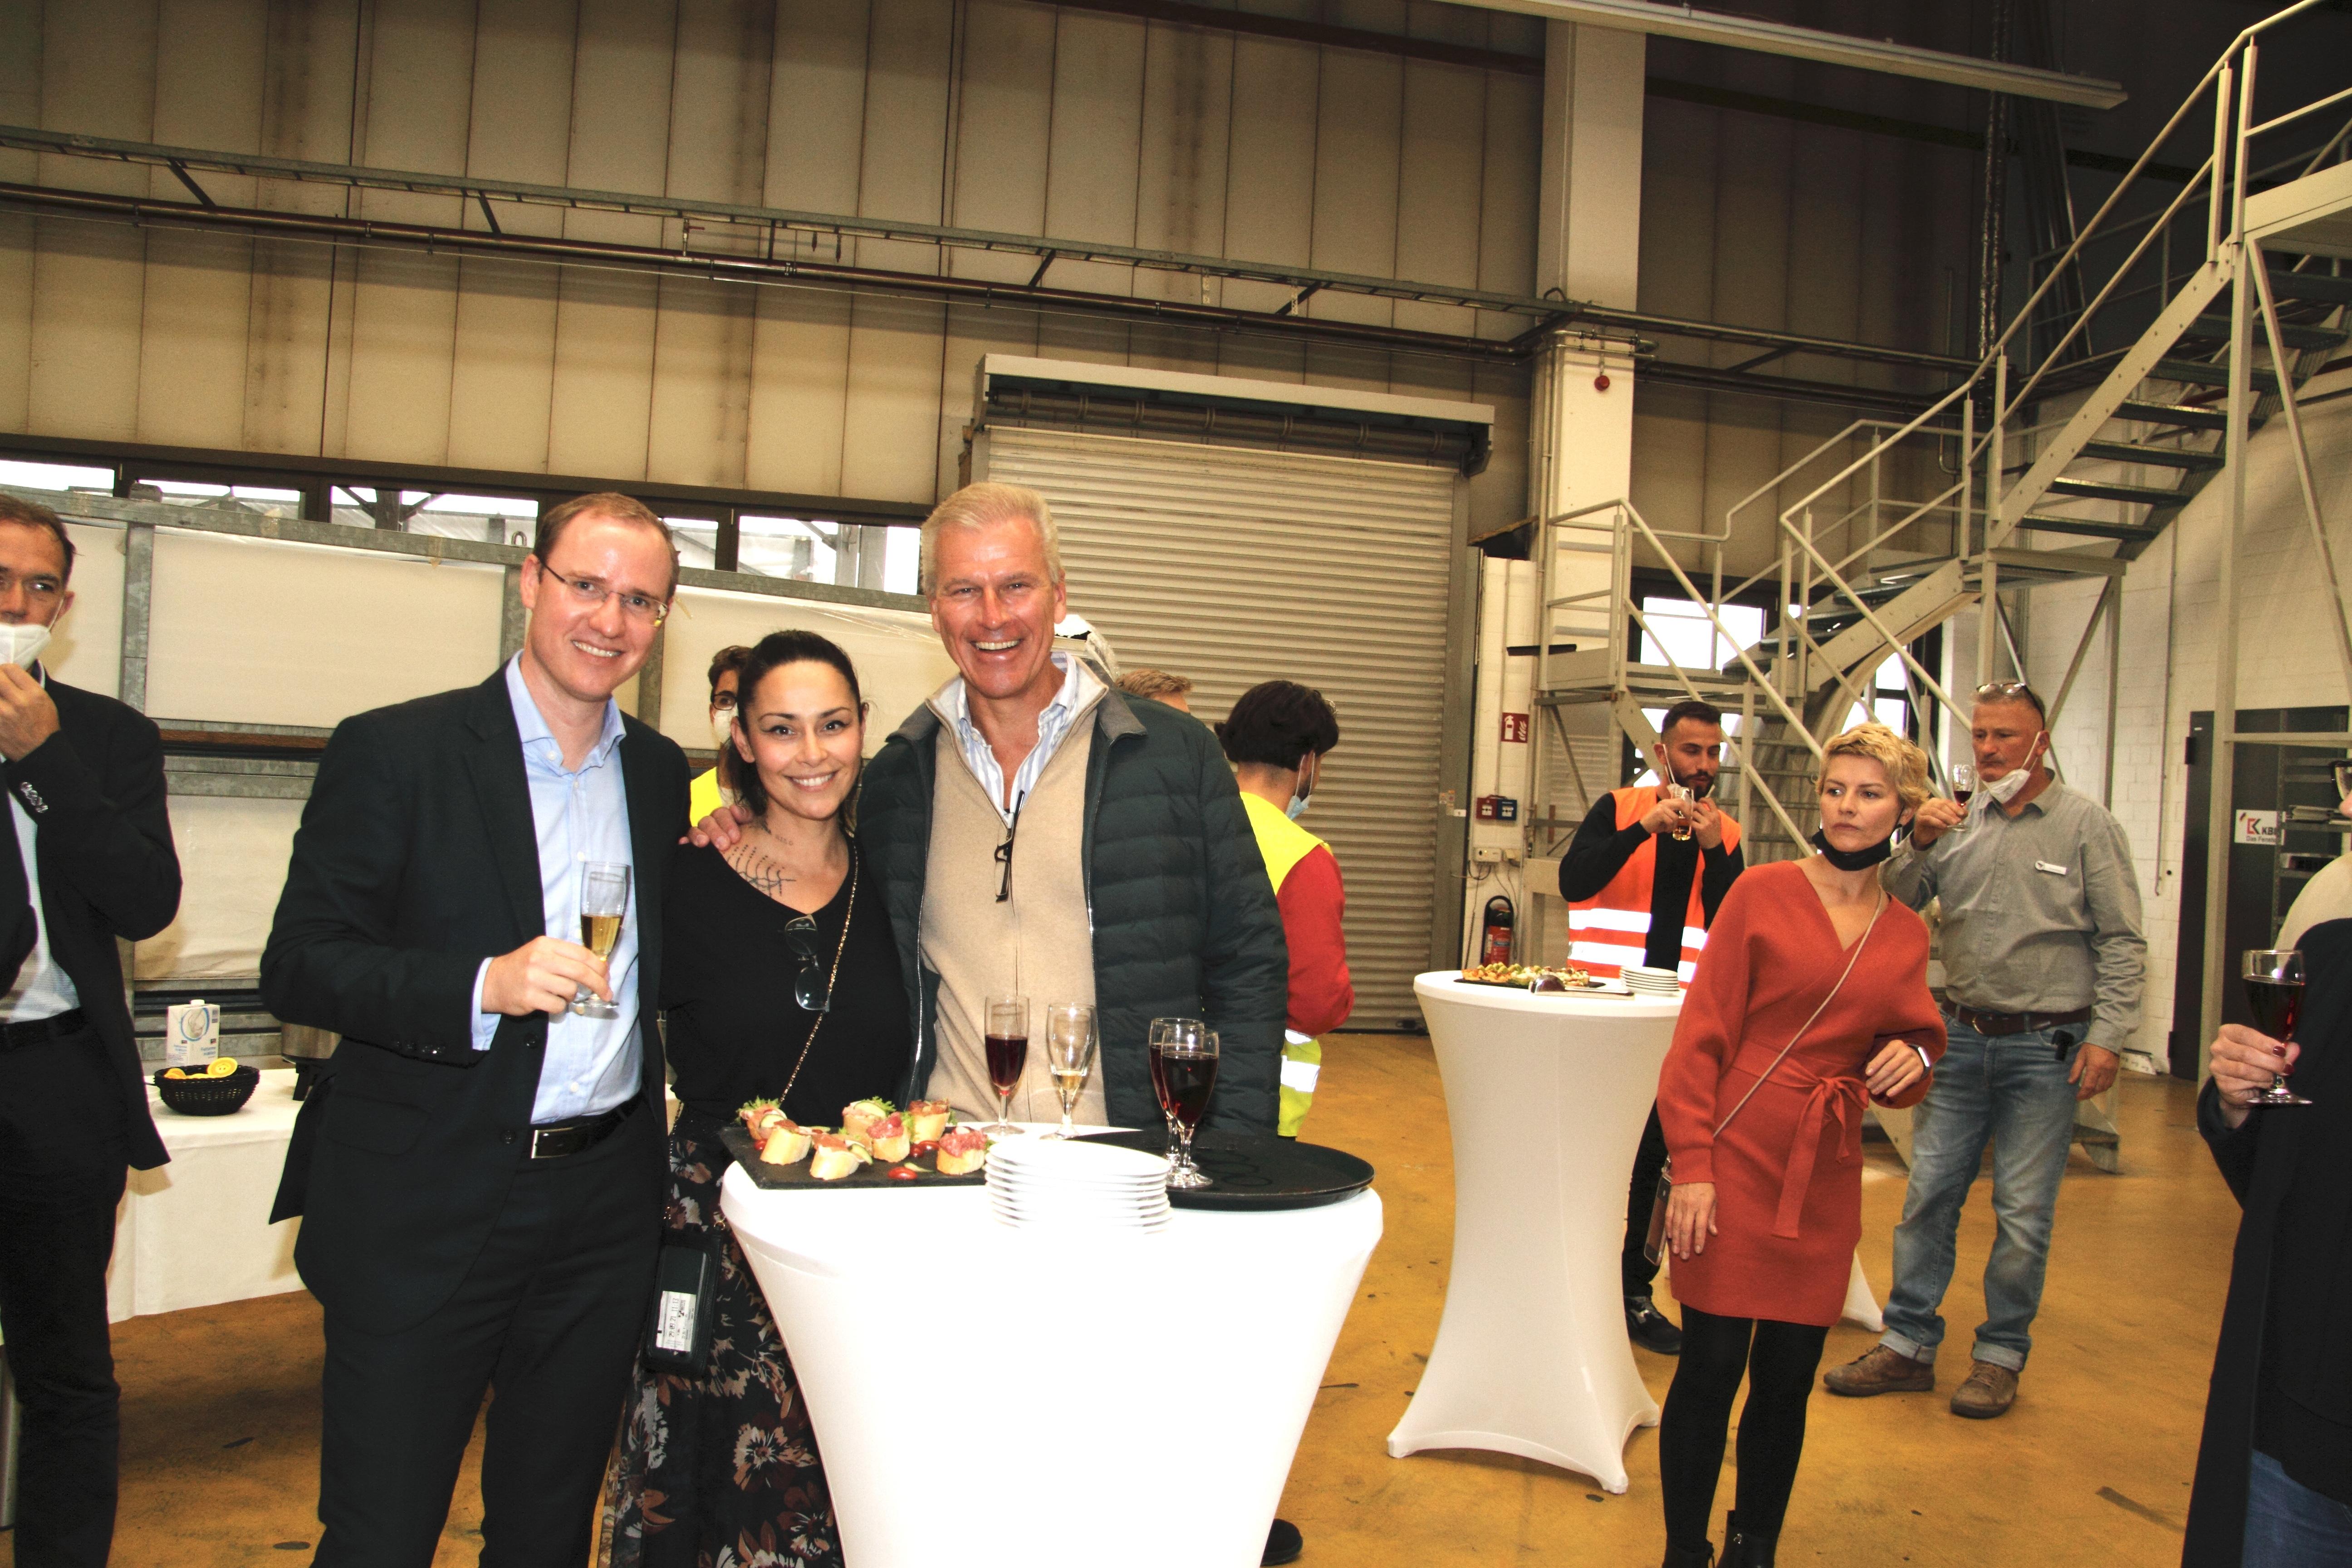 Unsere Geschäftsführer Dr. Peter Mrosik und Marc Böttger sowie Christiane Beese.